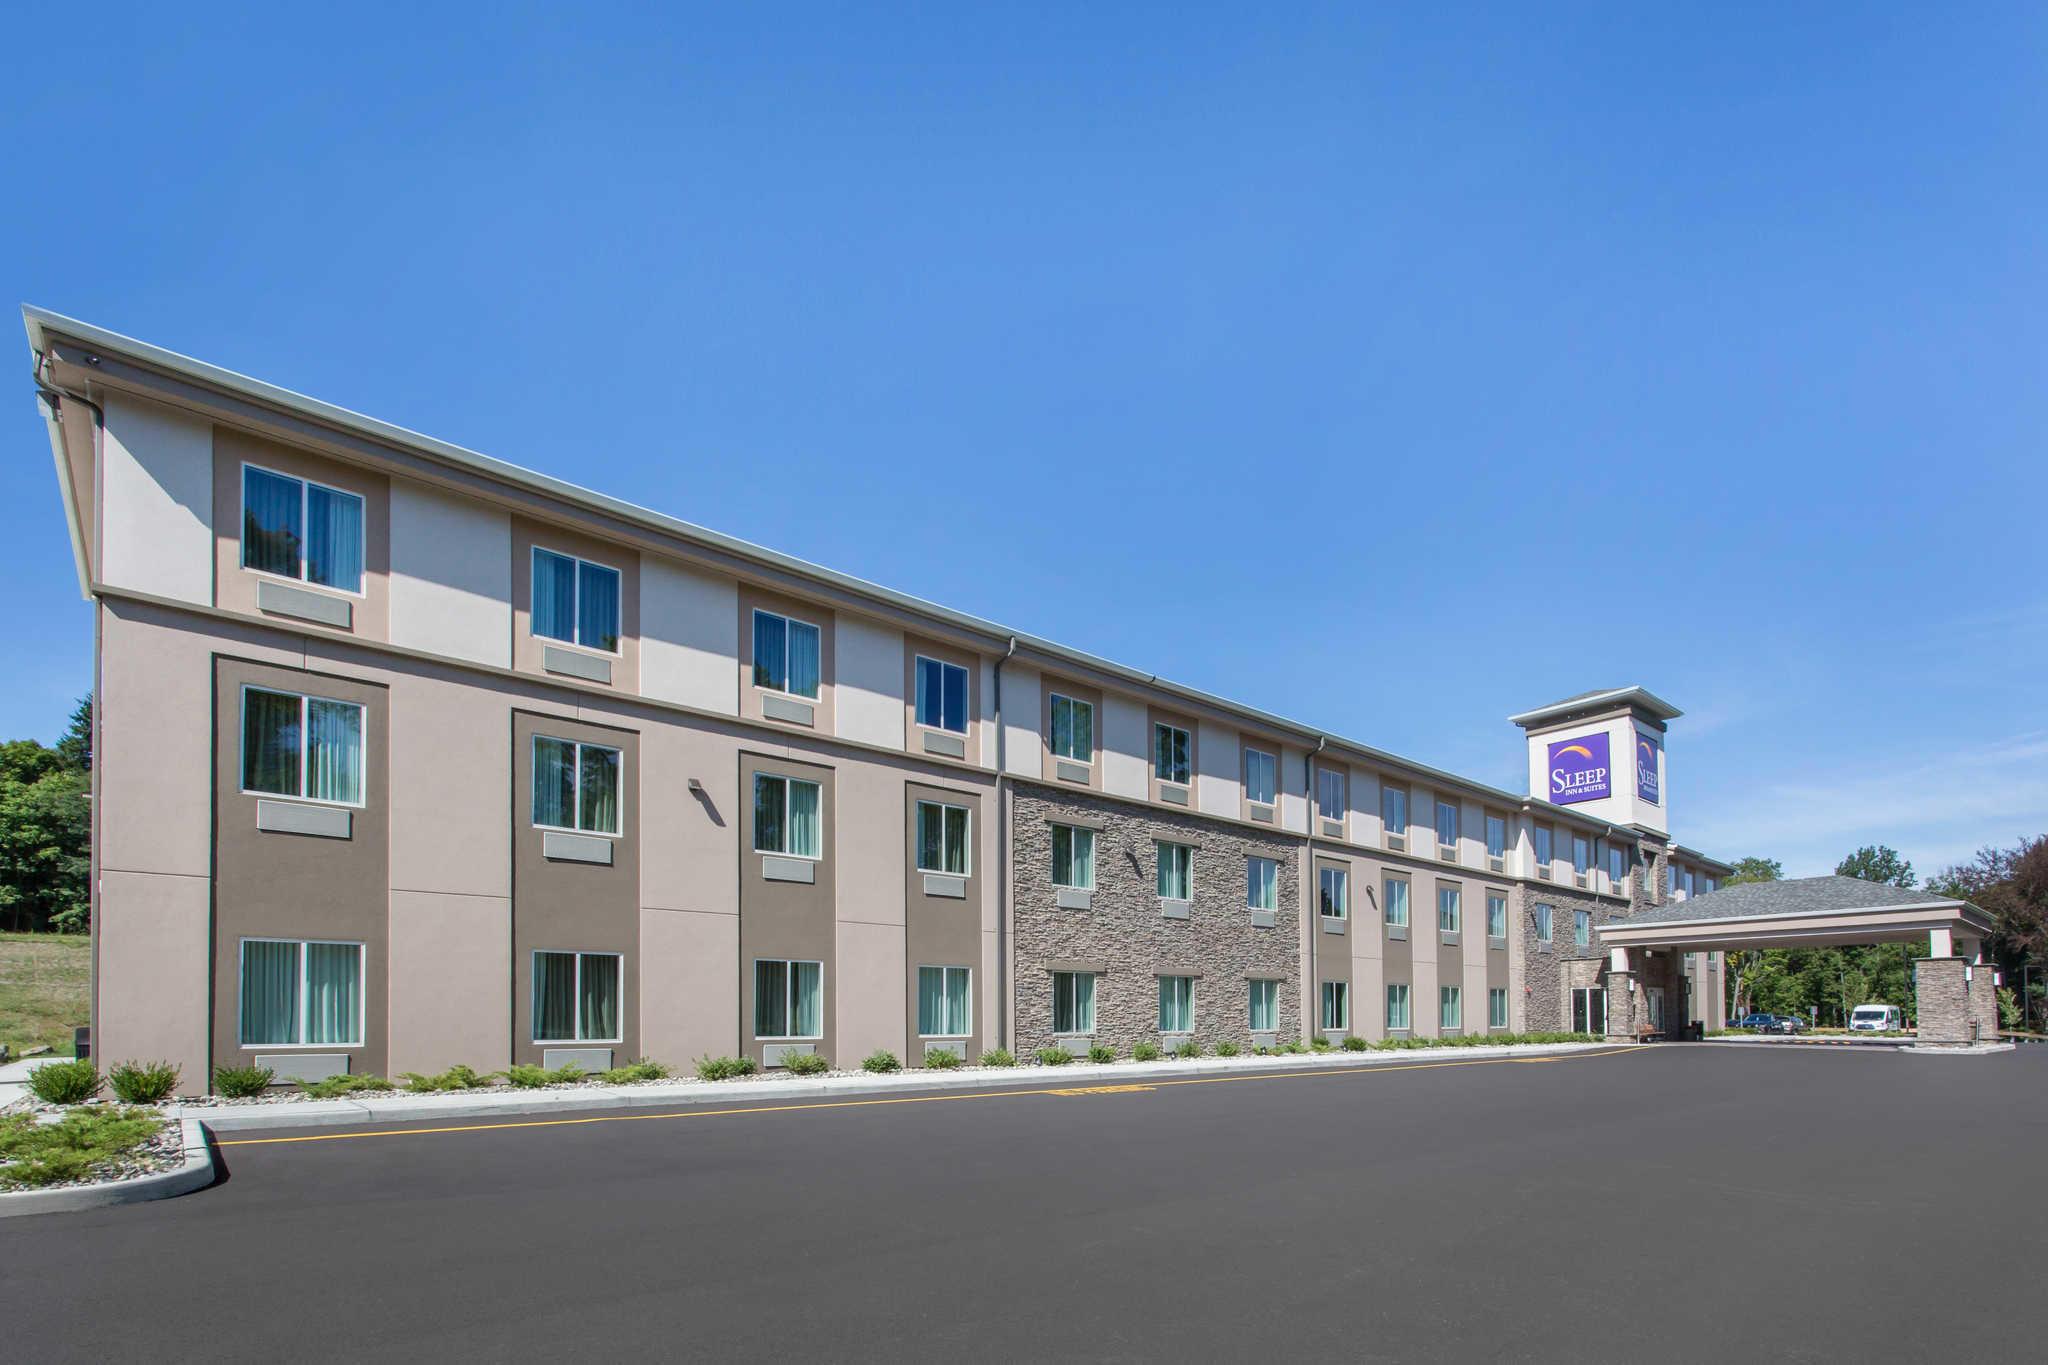 Sleep Inn & Suites Monroe - Woodbury image 3